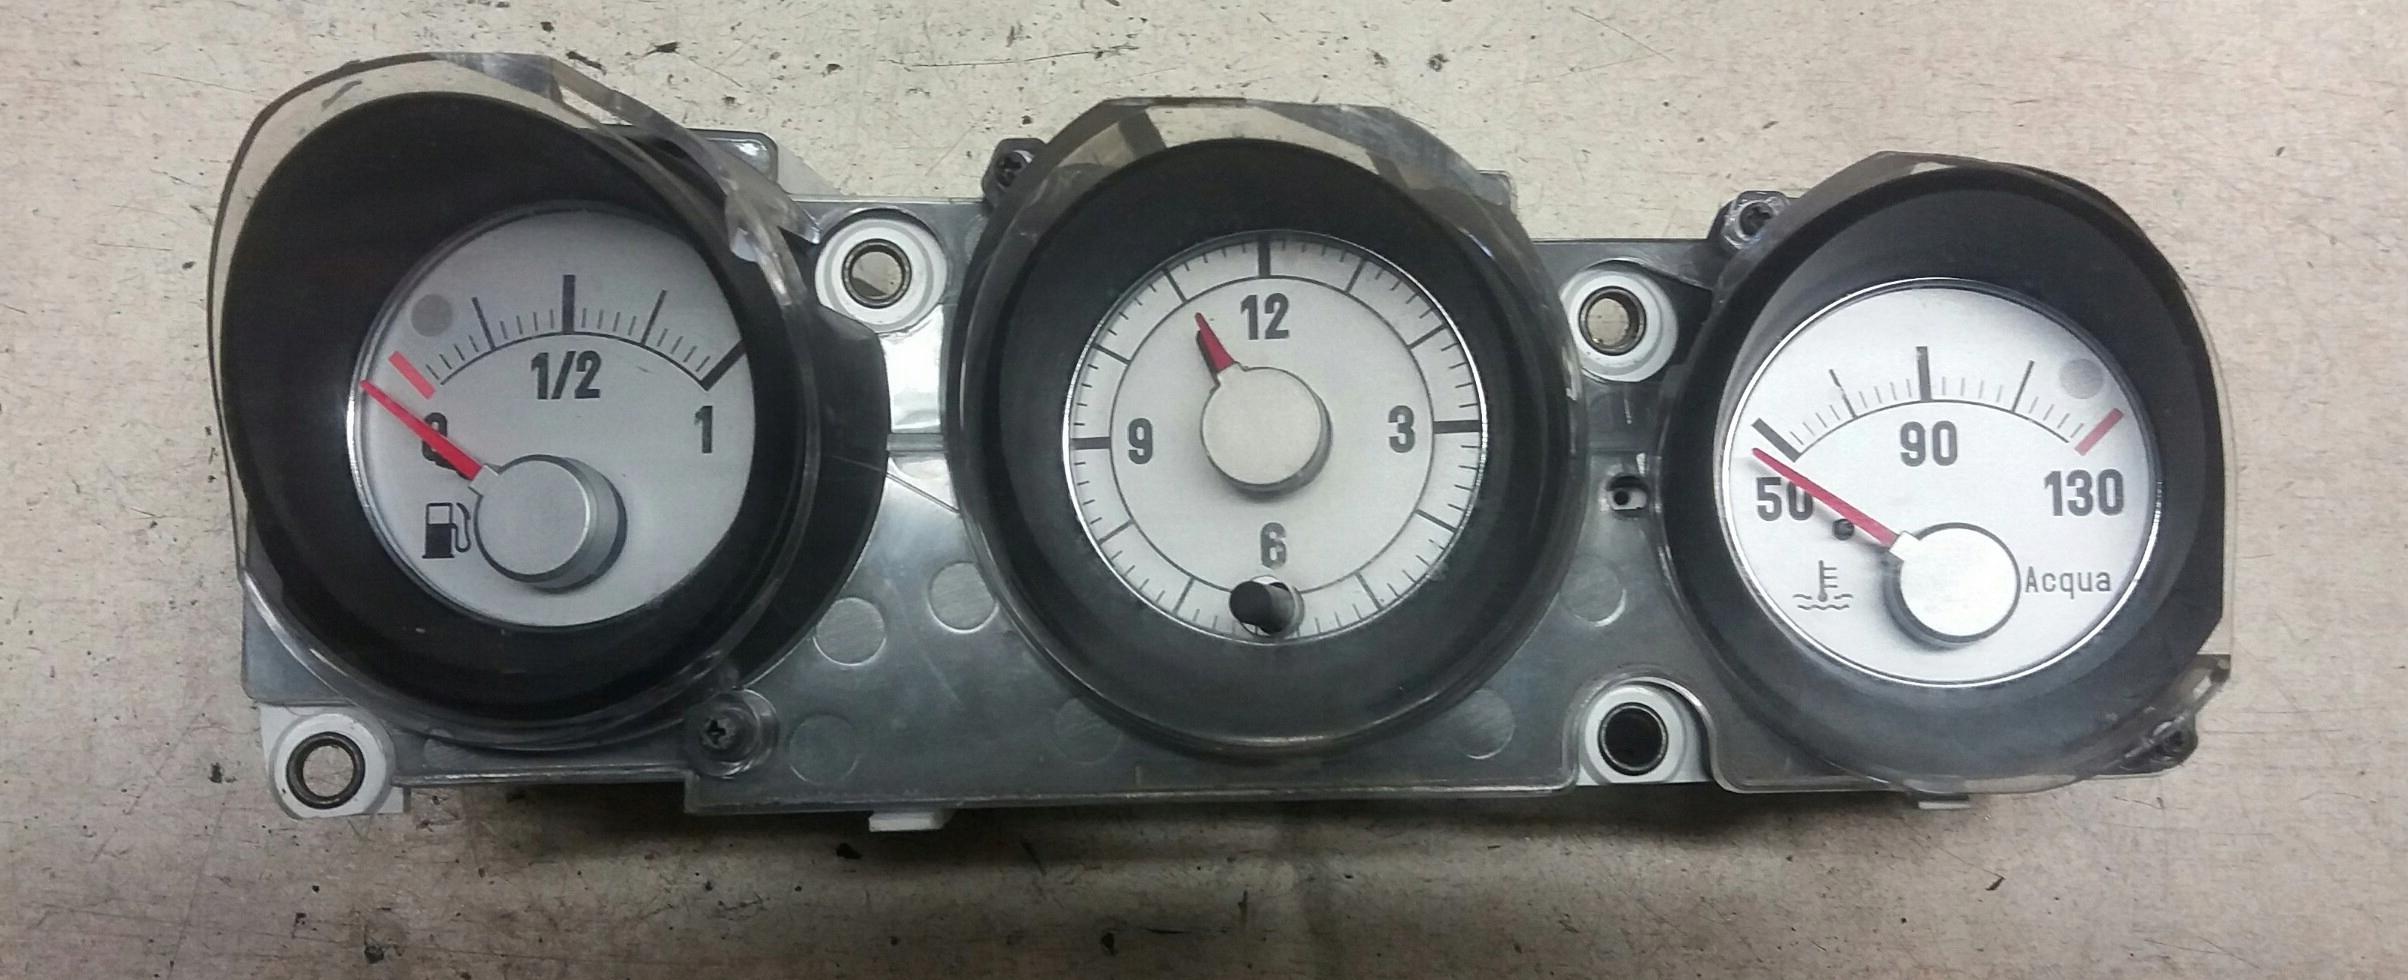 альфа 156 crosswagon комплект показатели 156052674